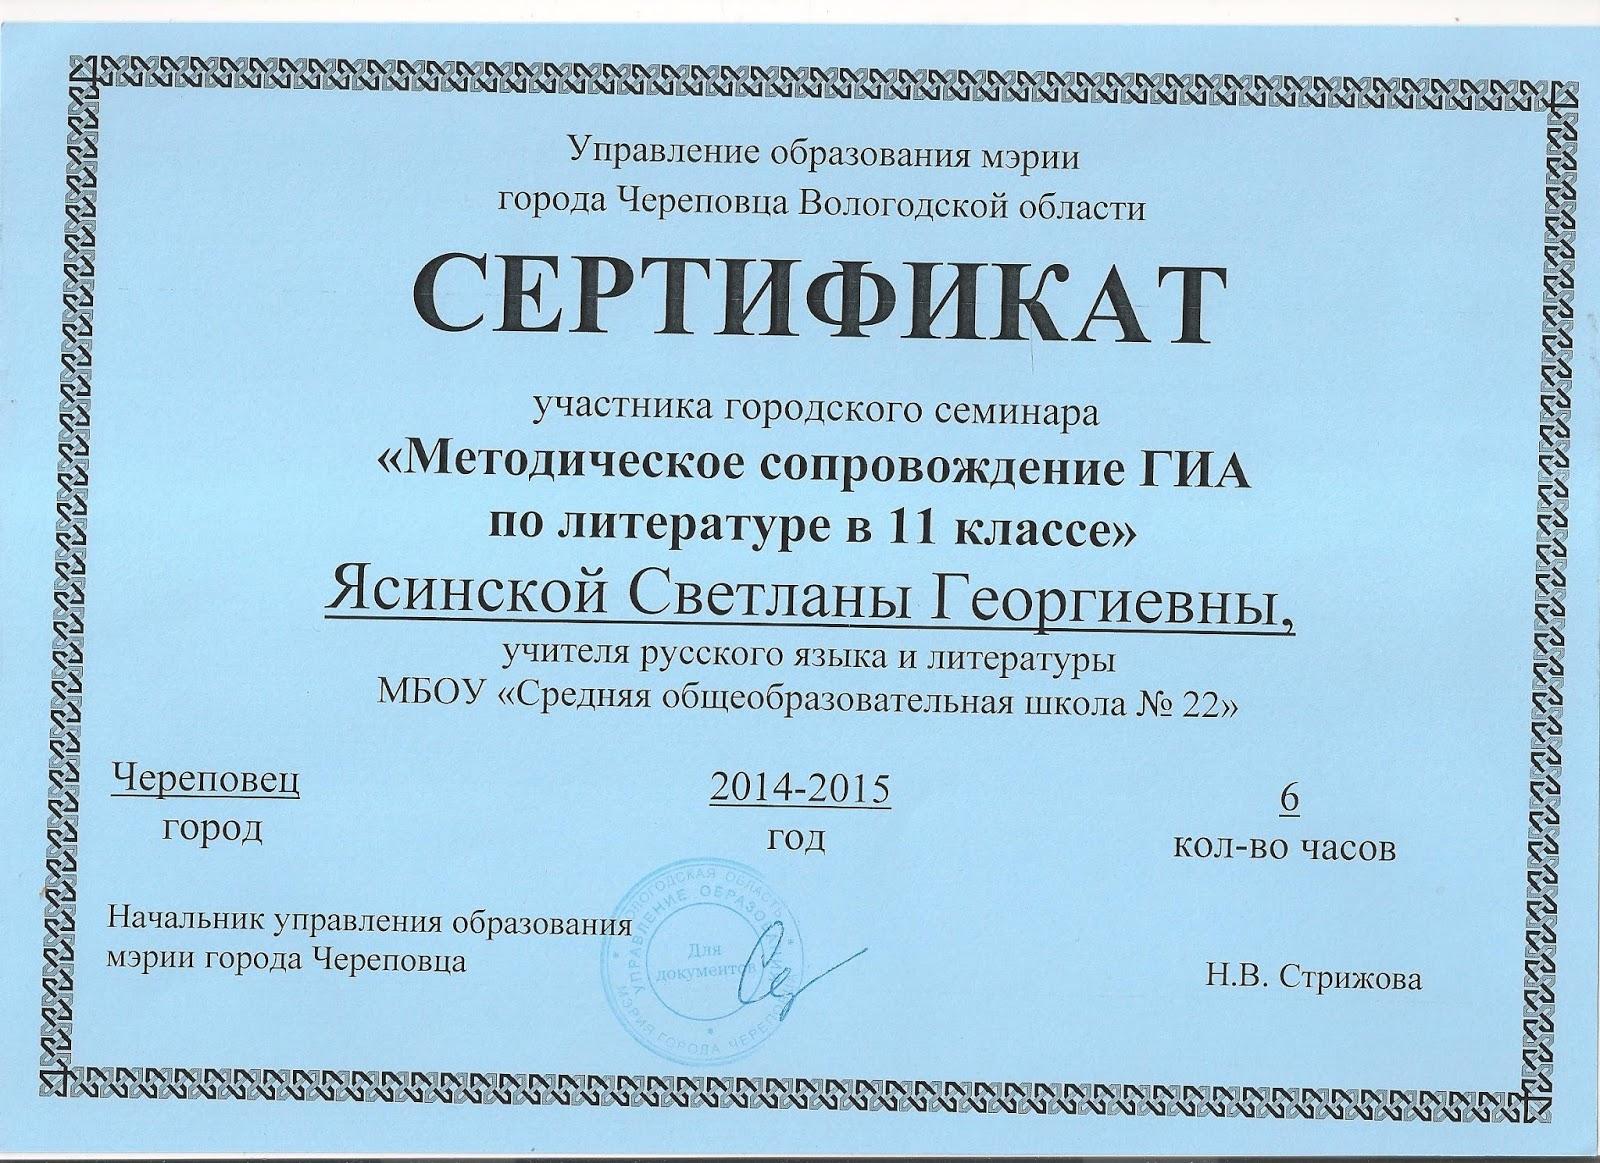 сертификат участника семинара шаблон образец